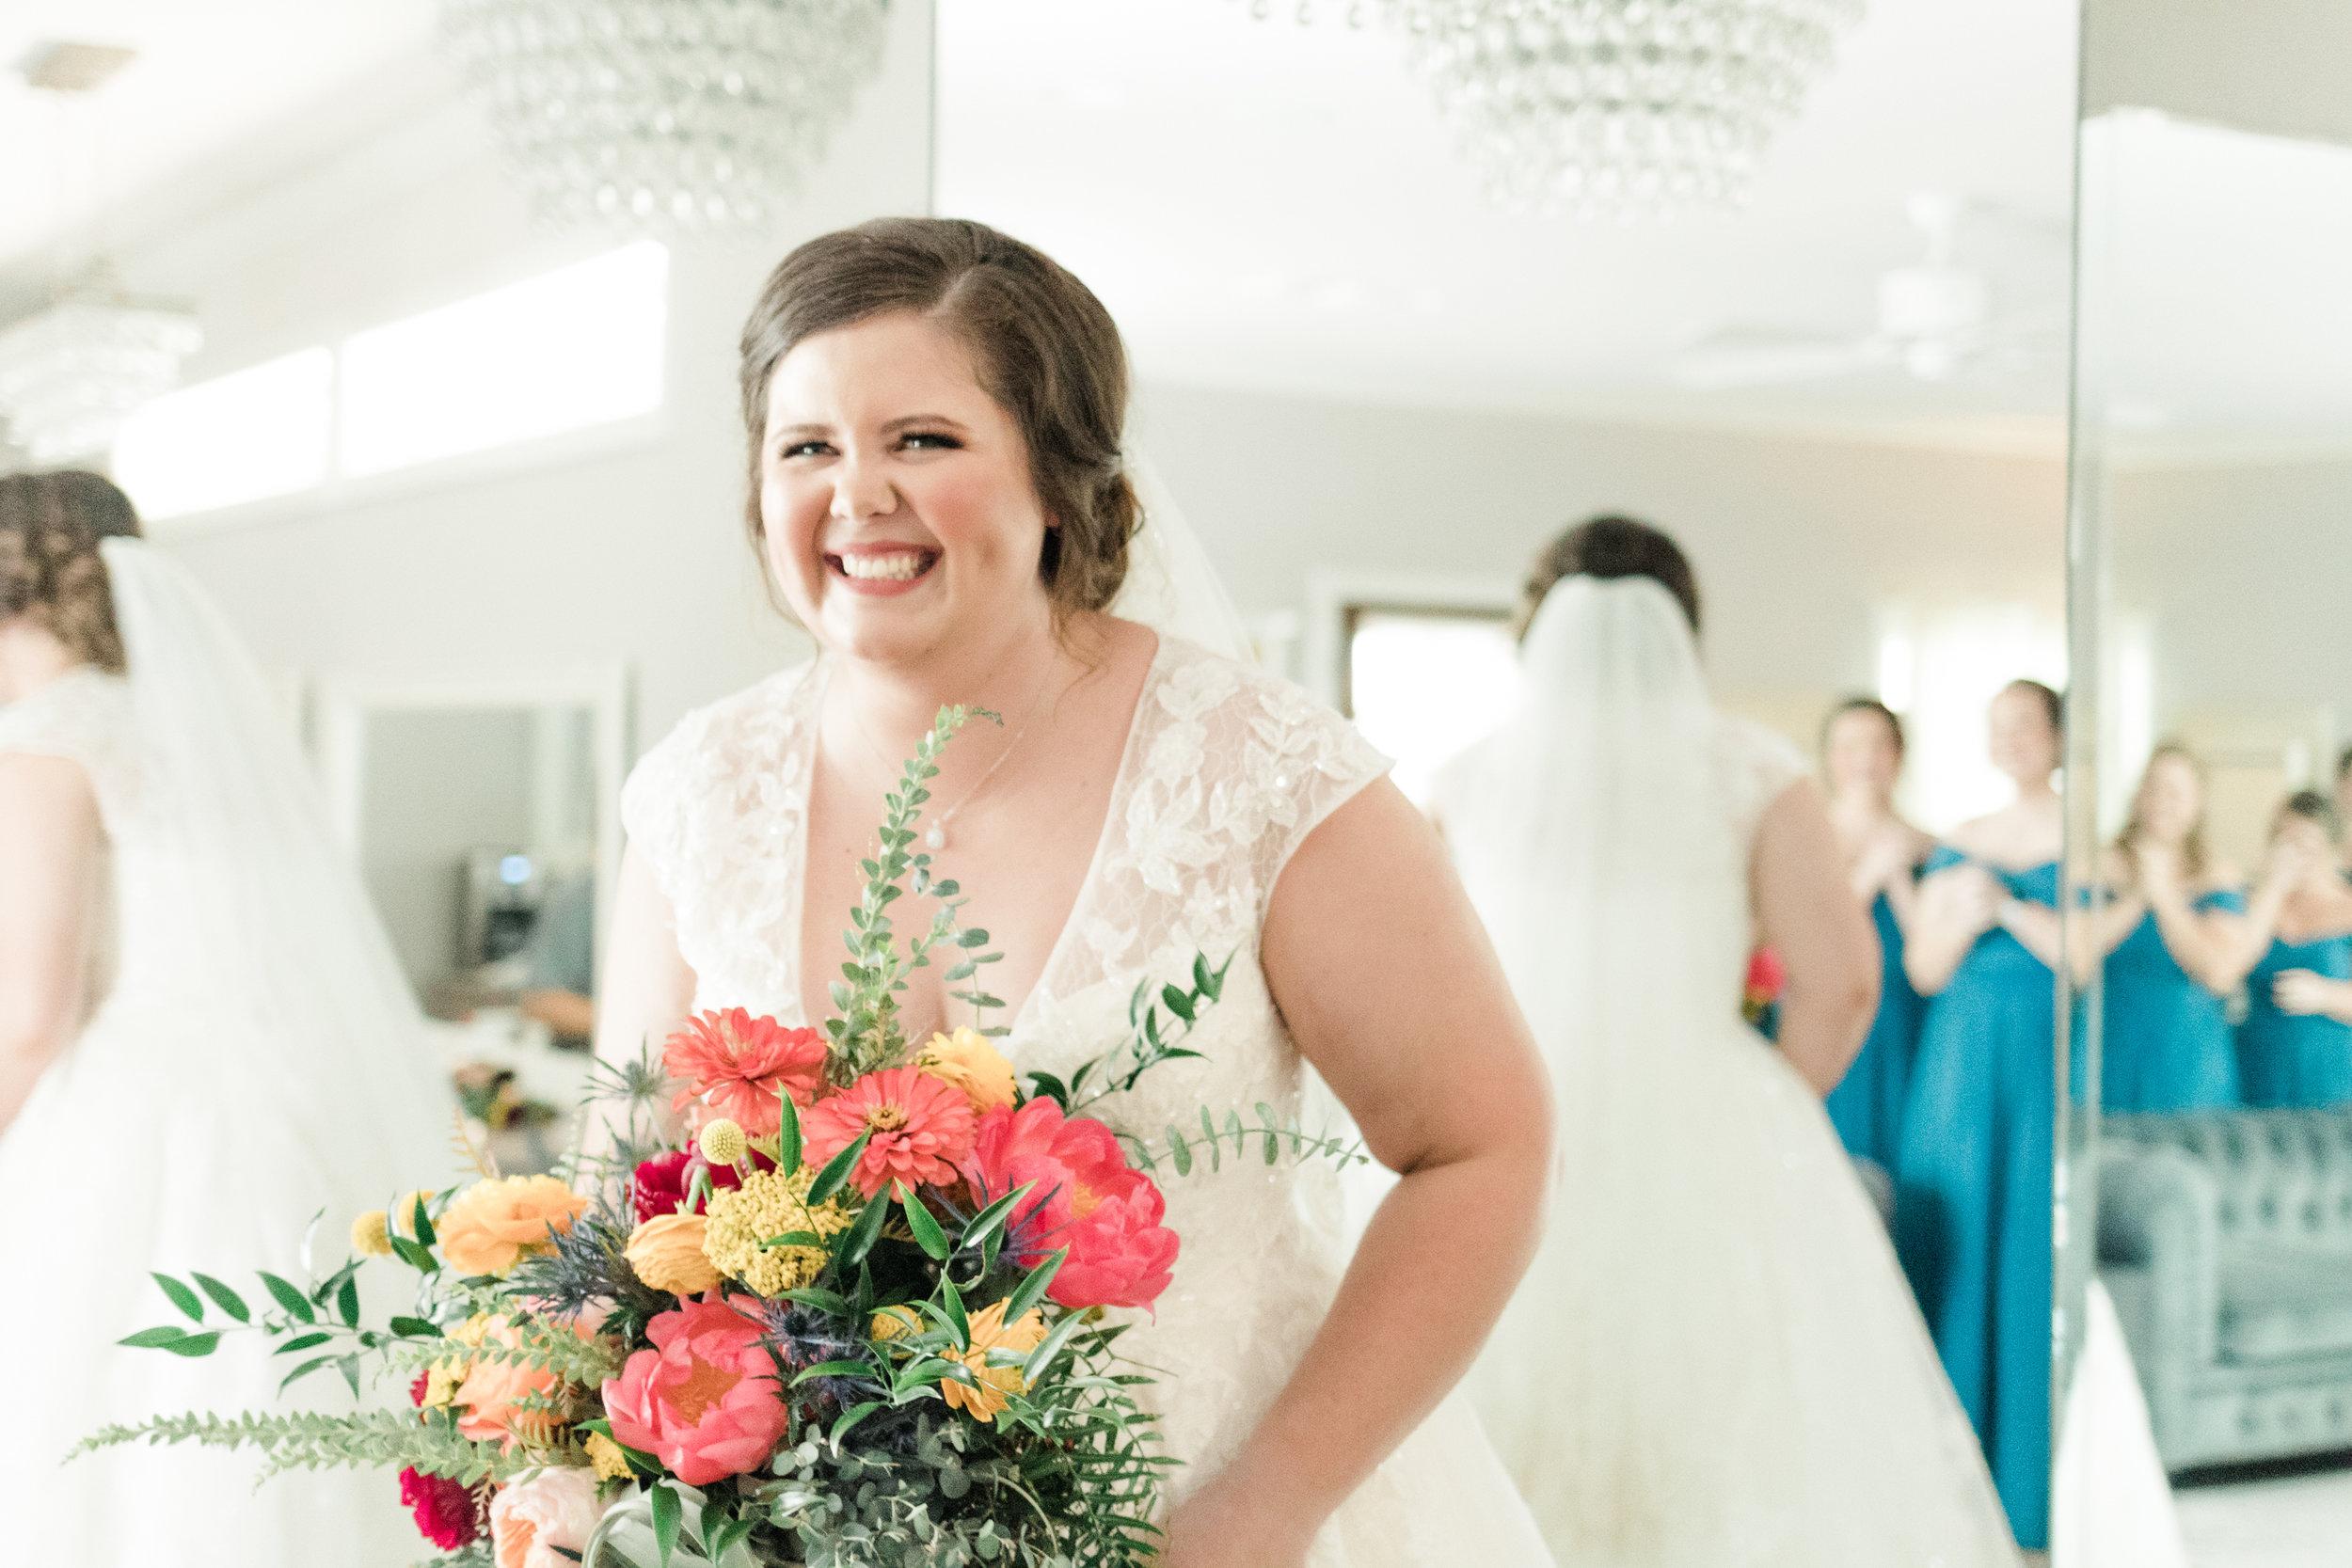 Wesley-Wedding-Ten23-Photography-239.jpg